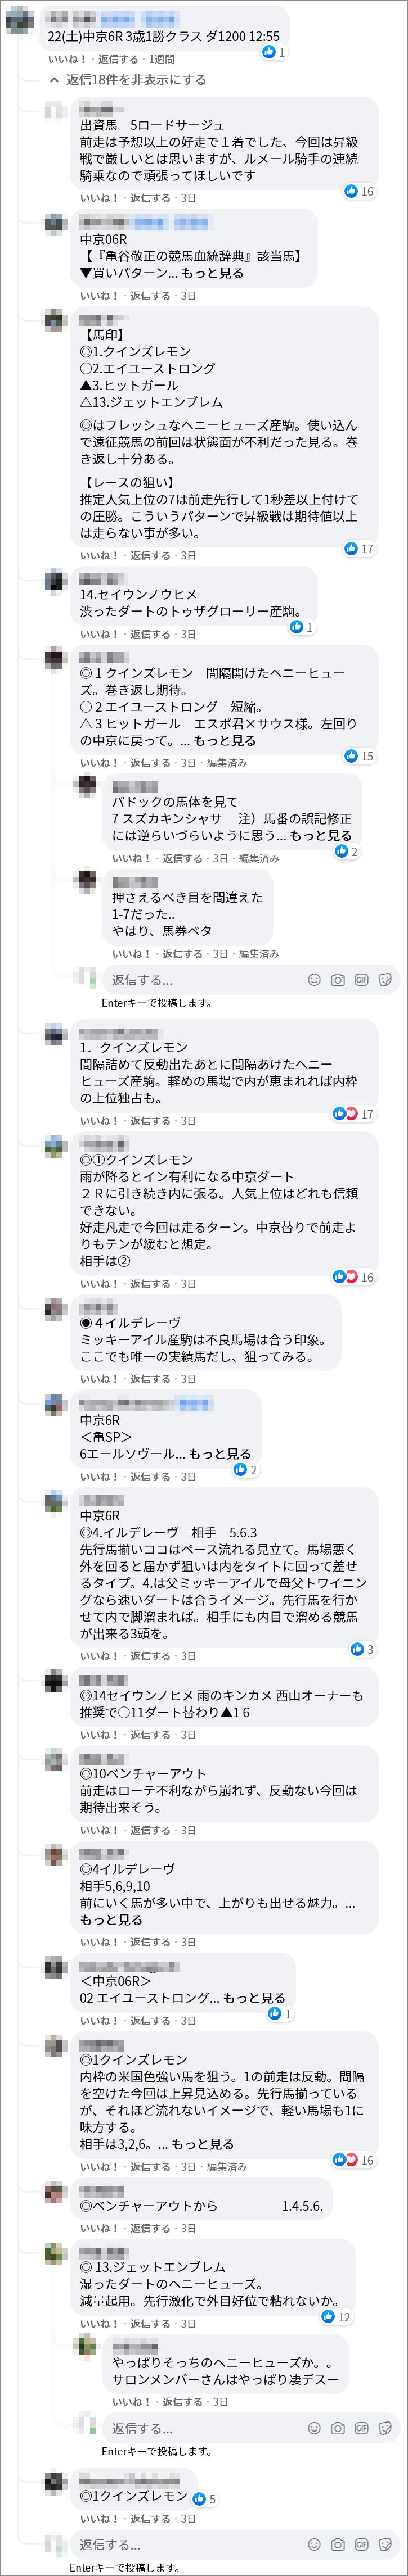 亀谷ファンにはお馴染みのヘニーヒューズかと思いますが、『亀谷競馬サロン』内ではクインズレモンが1人気でした。実際のFacebookページがこちらです。